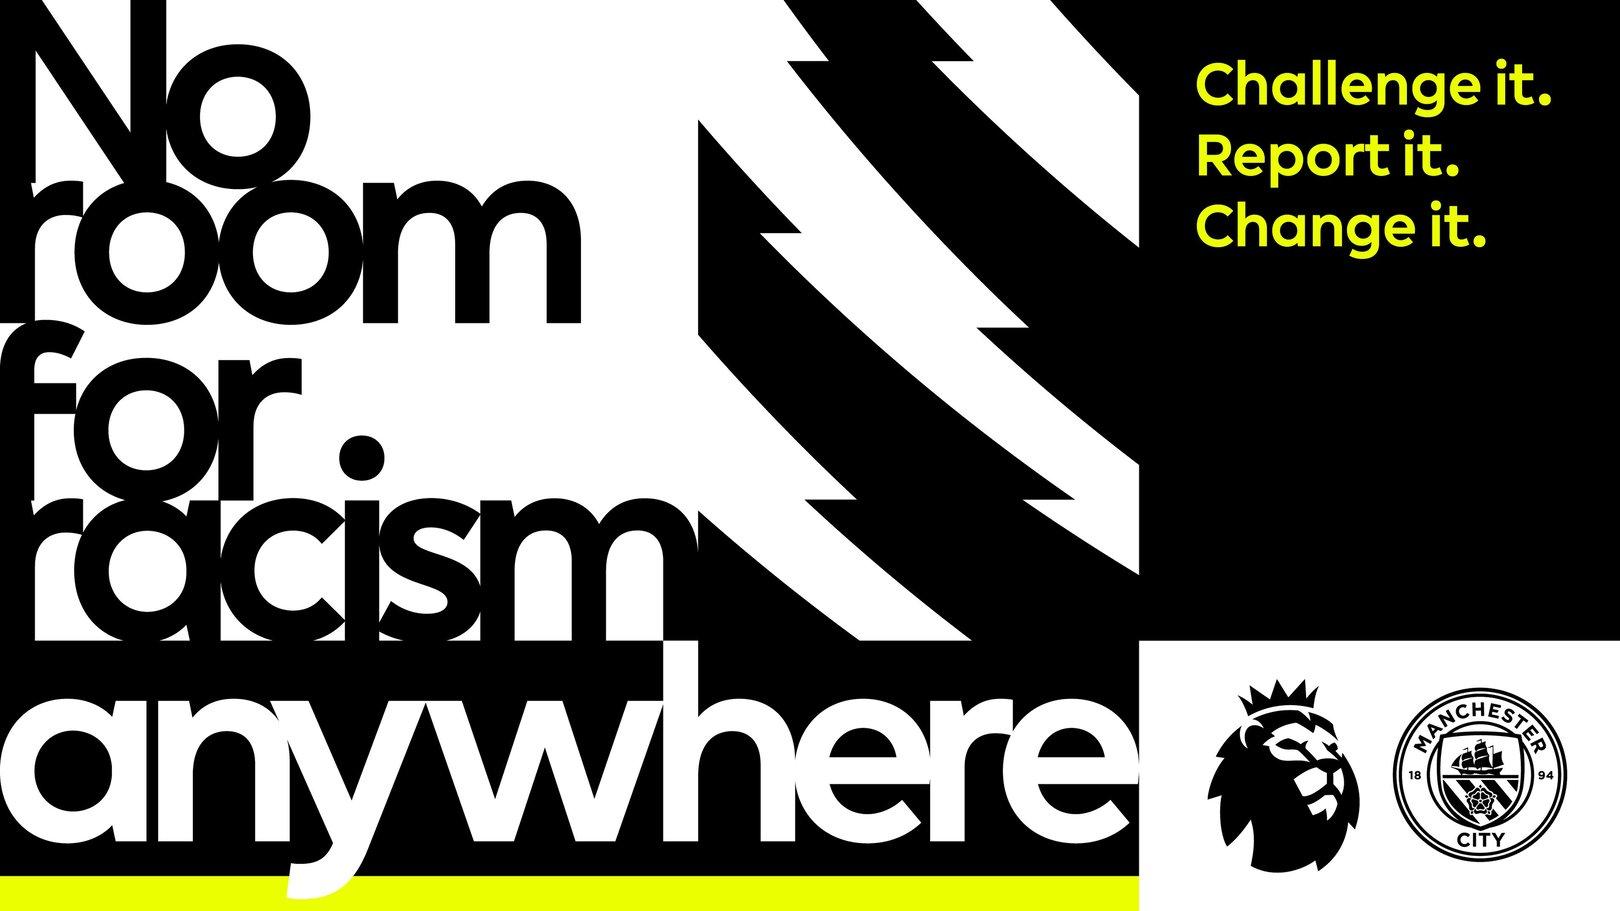 الانضمام إلى حملة مقاطعة وسائل التواصل الاجتماعي من أجل التغيير